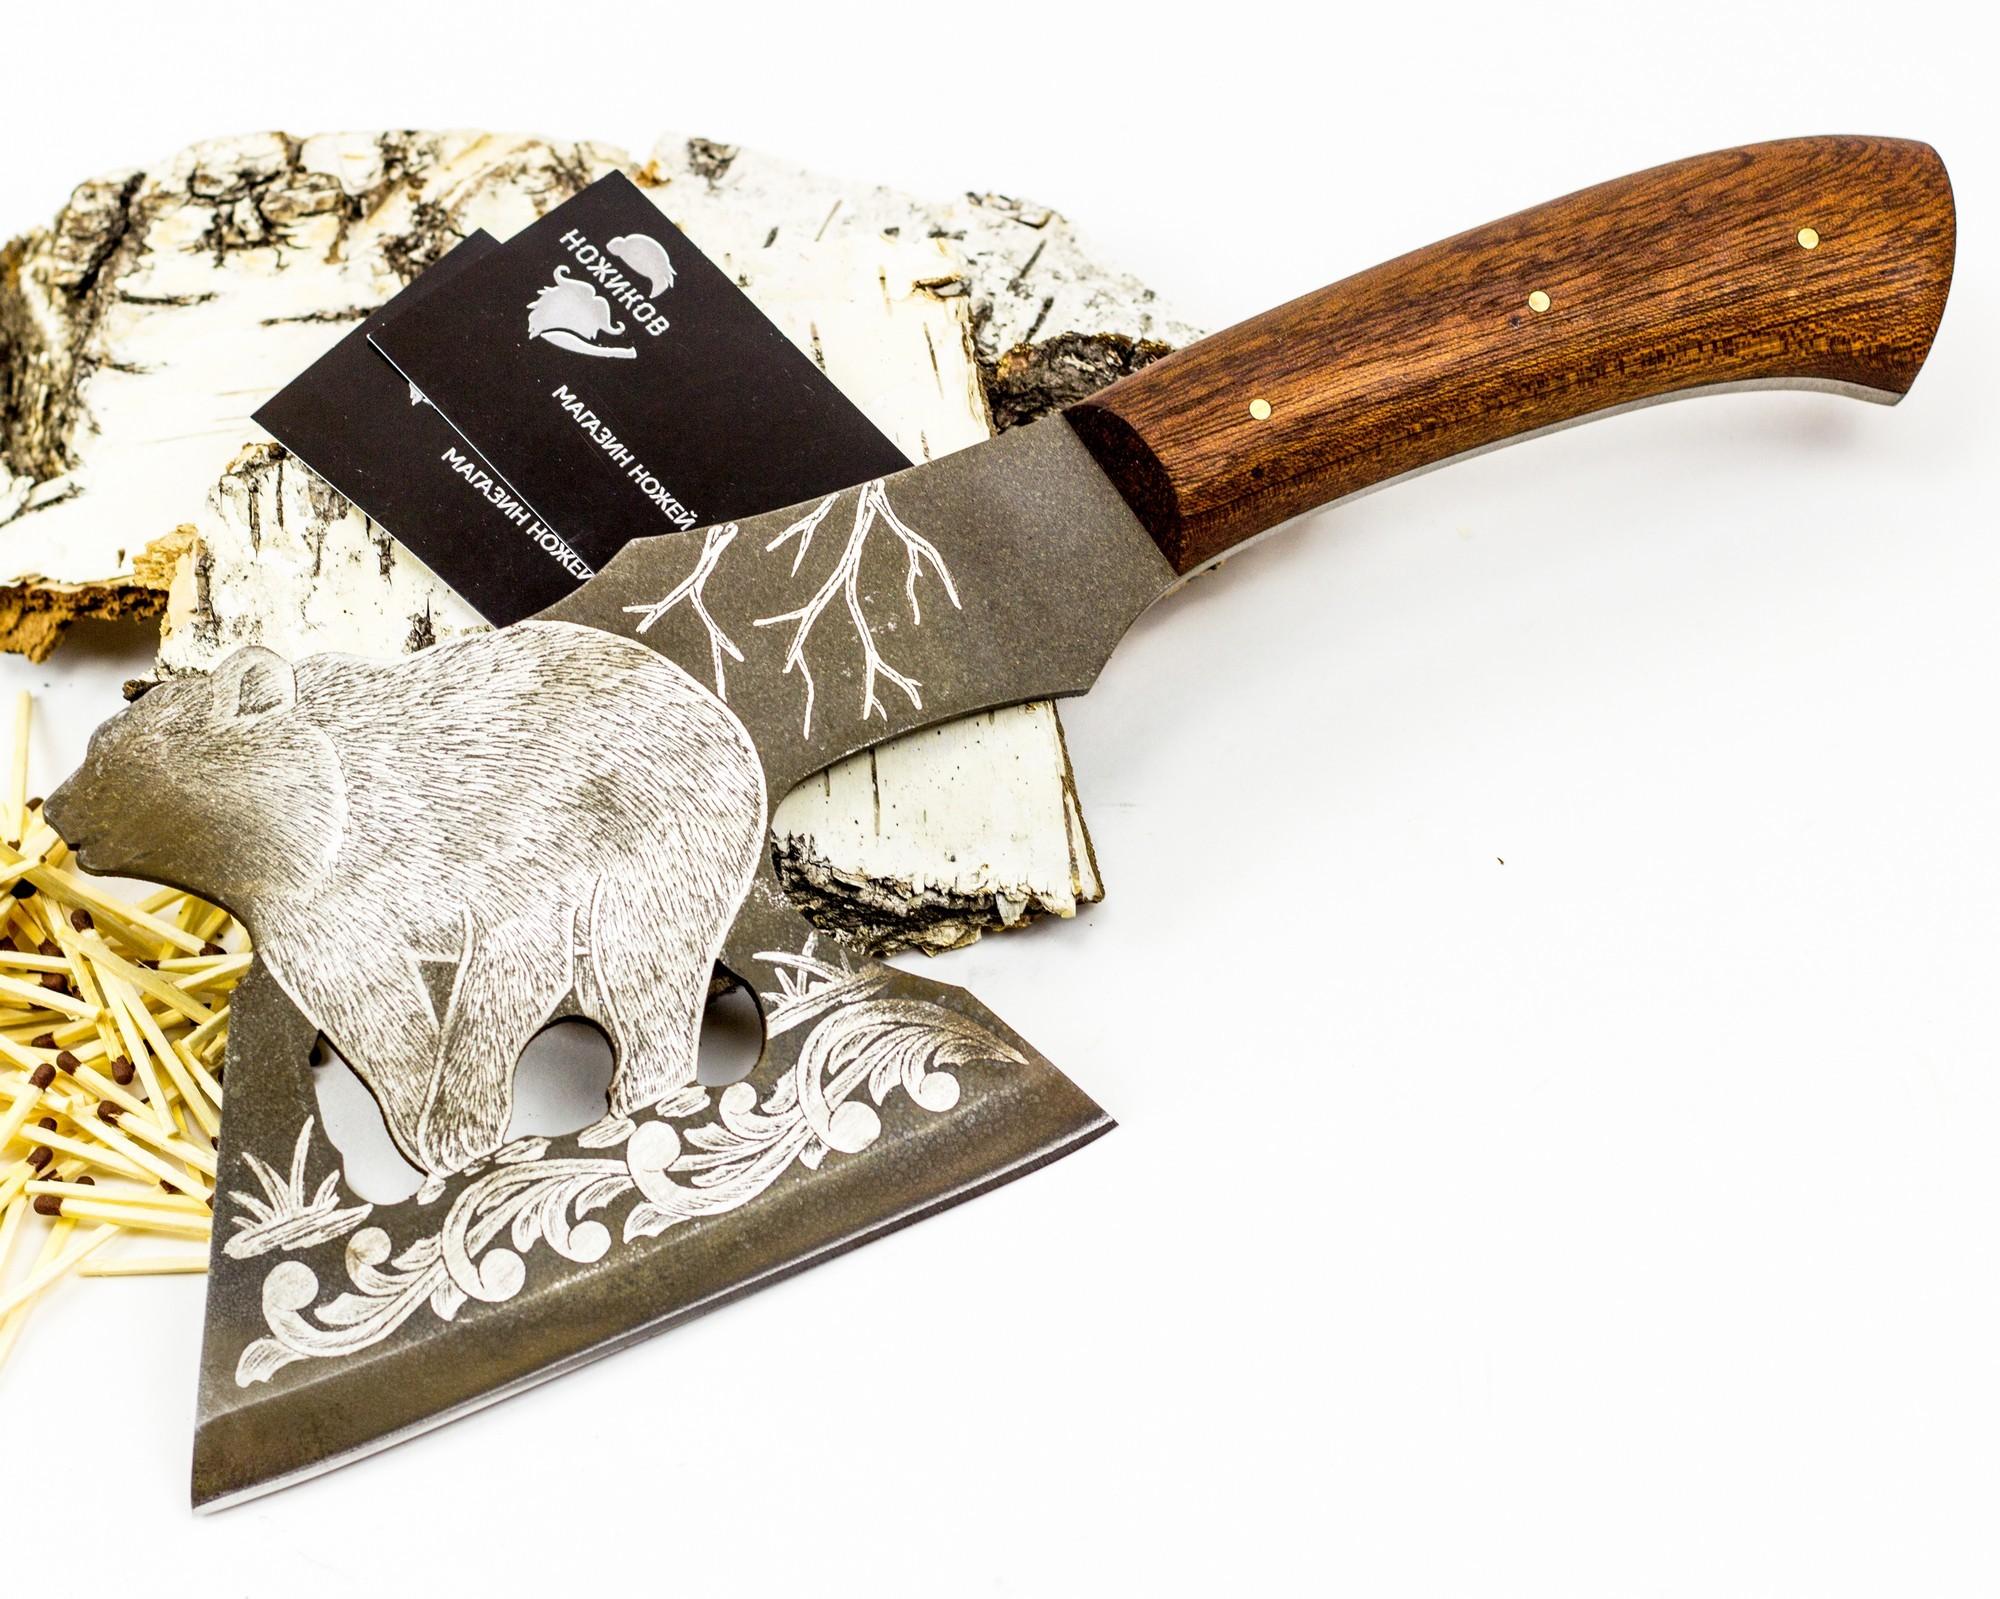 Фото 2 - Топорик Медведь-2, 9ХС от Промтехснаб